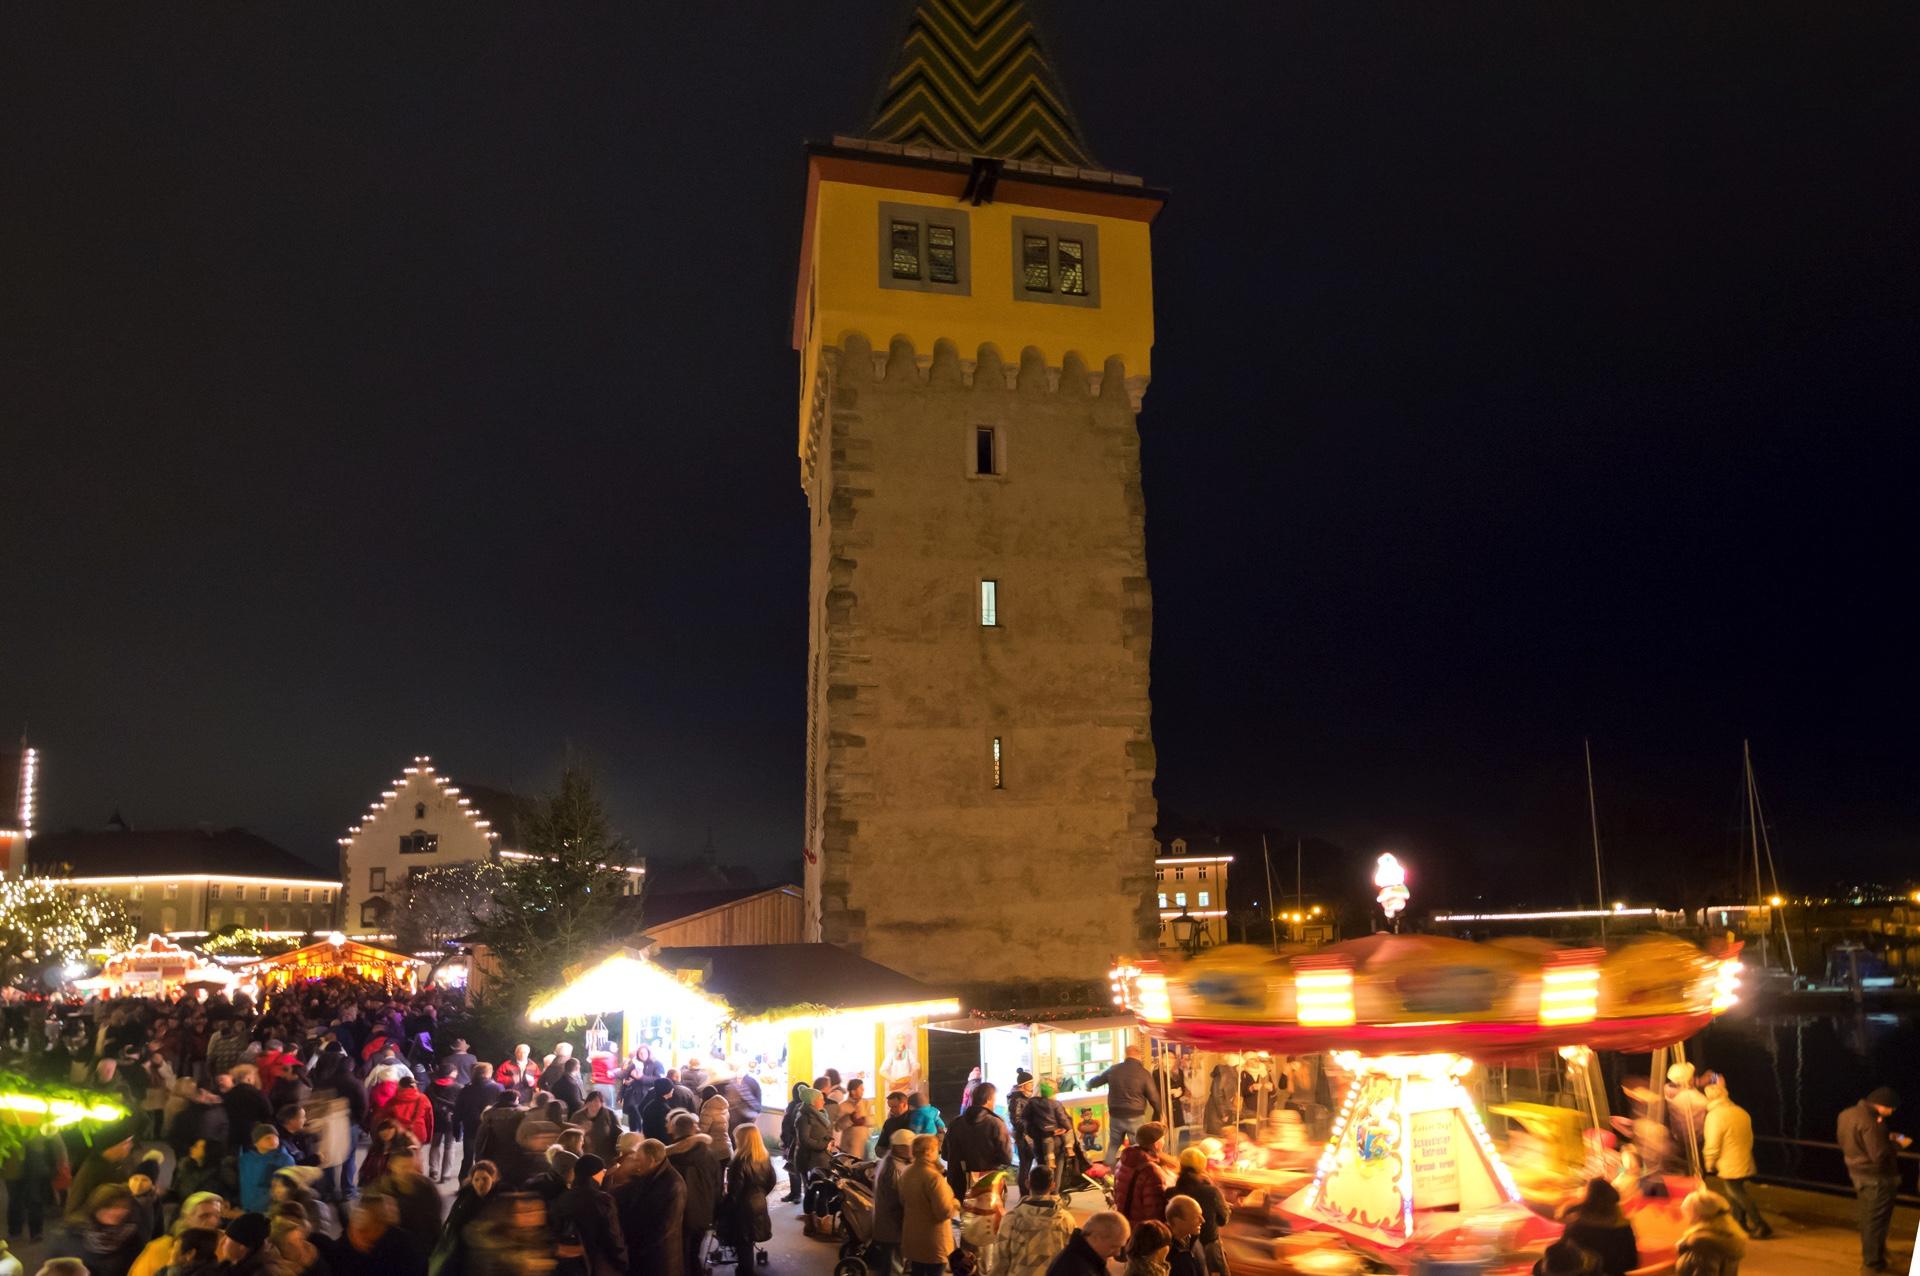 Lindau Weihnachtsmarkt.Fotos Lindau Weihnachtsmarkt Am Bodensee Mangturm Das Rathaus